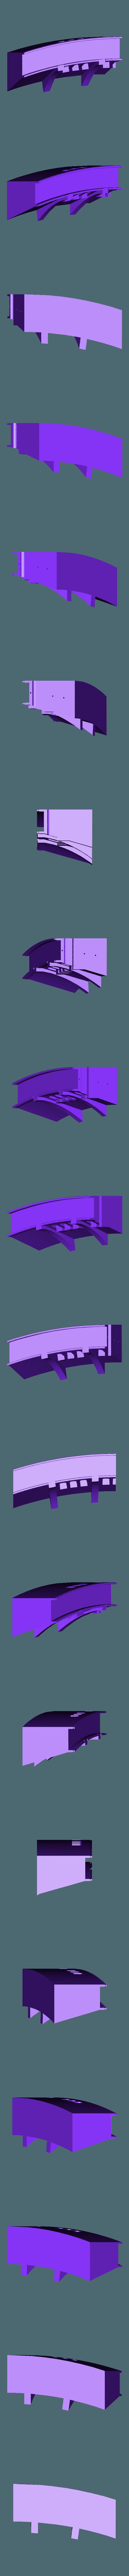 dam_left.stl Télécharger fichier STL gratuit Mur de barrage simple - échelle HO (1:87) • Modèle à imprimer en 3D, nenchev